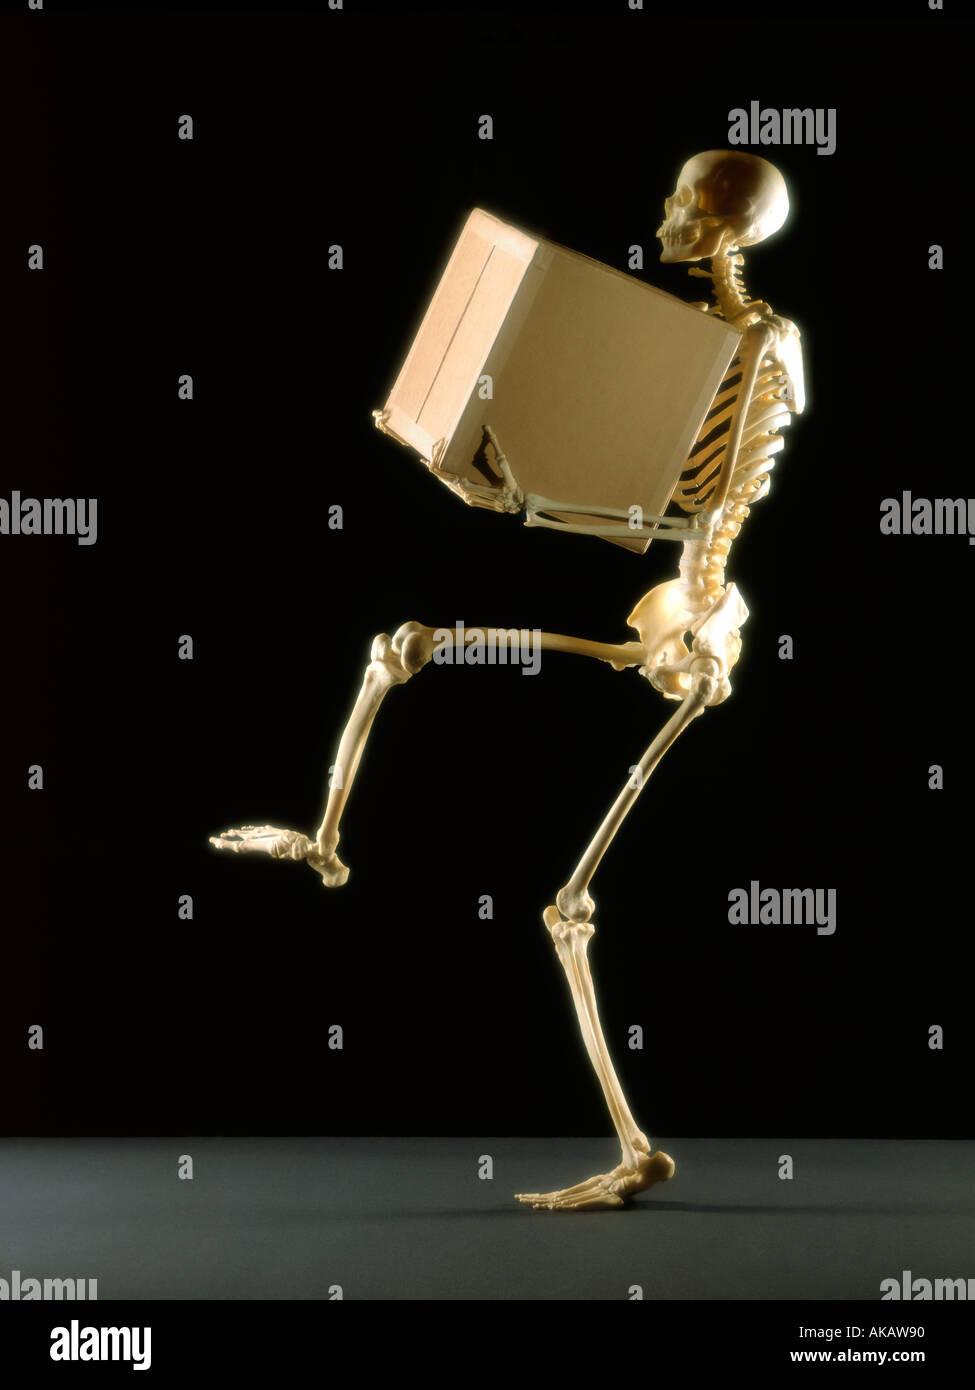 Skelett heben große Kiste auf schwarzem Hintergrund Stockfoto